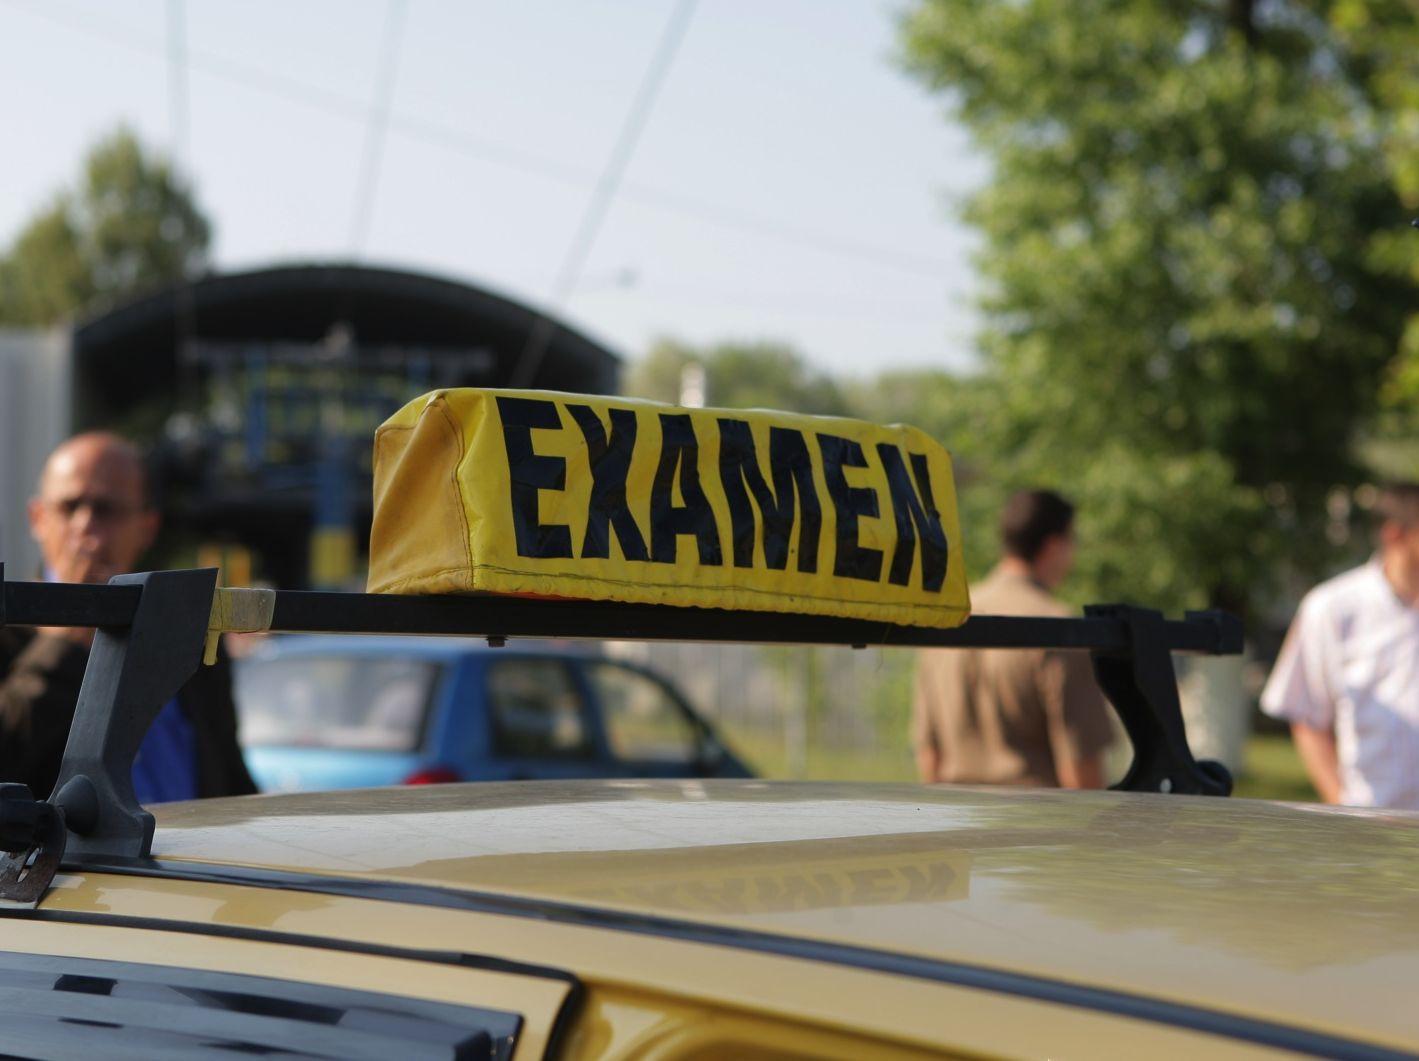 Situația la Direcția de Permise și Înmatriculări Ialomița a revenit la normal